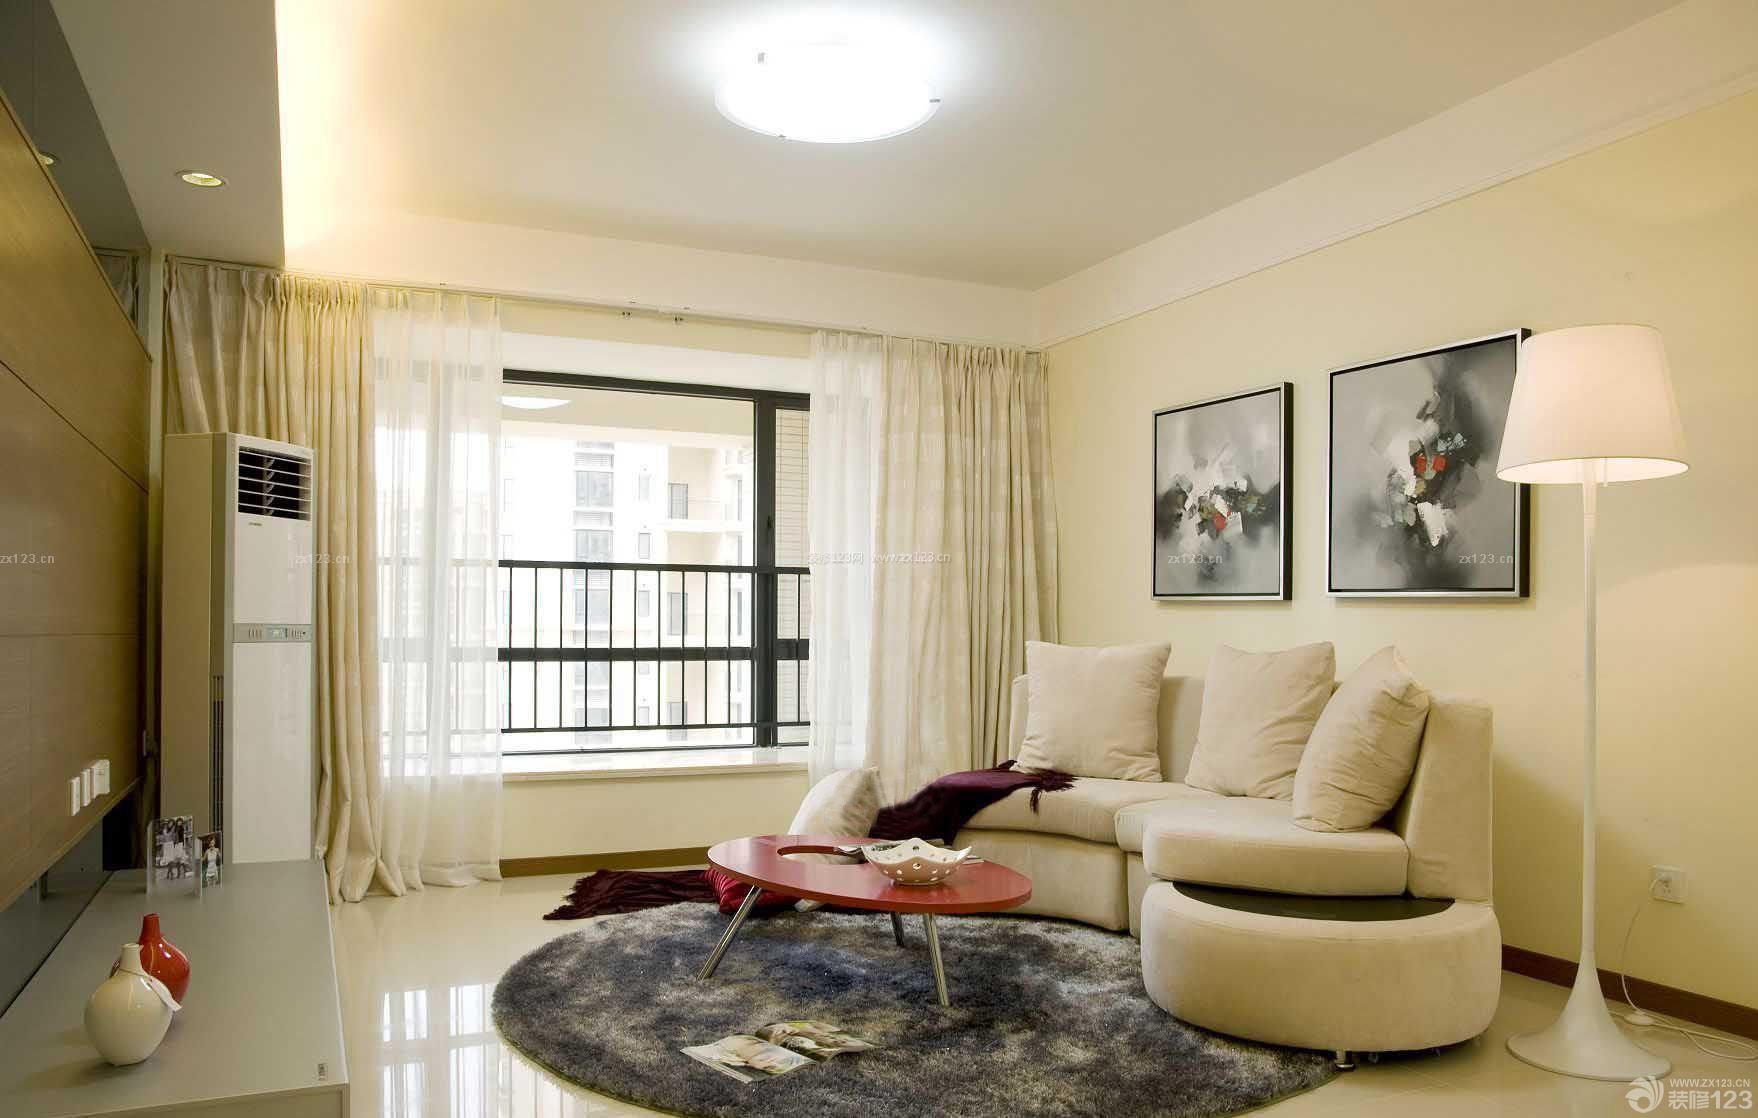 40-50平方小户型家庭客厅装修效果图片